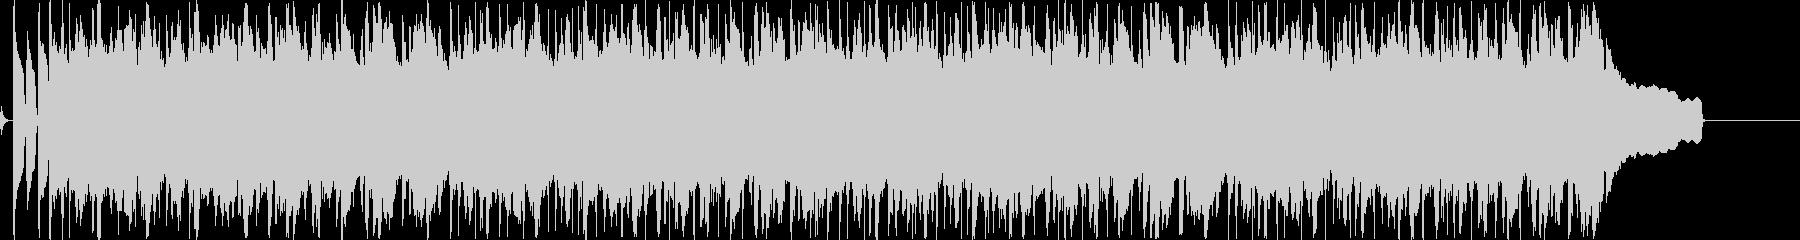 ほのぼのしたアコースティックなBGMの未再生の波形